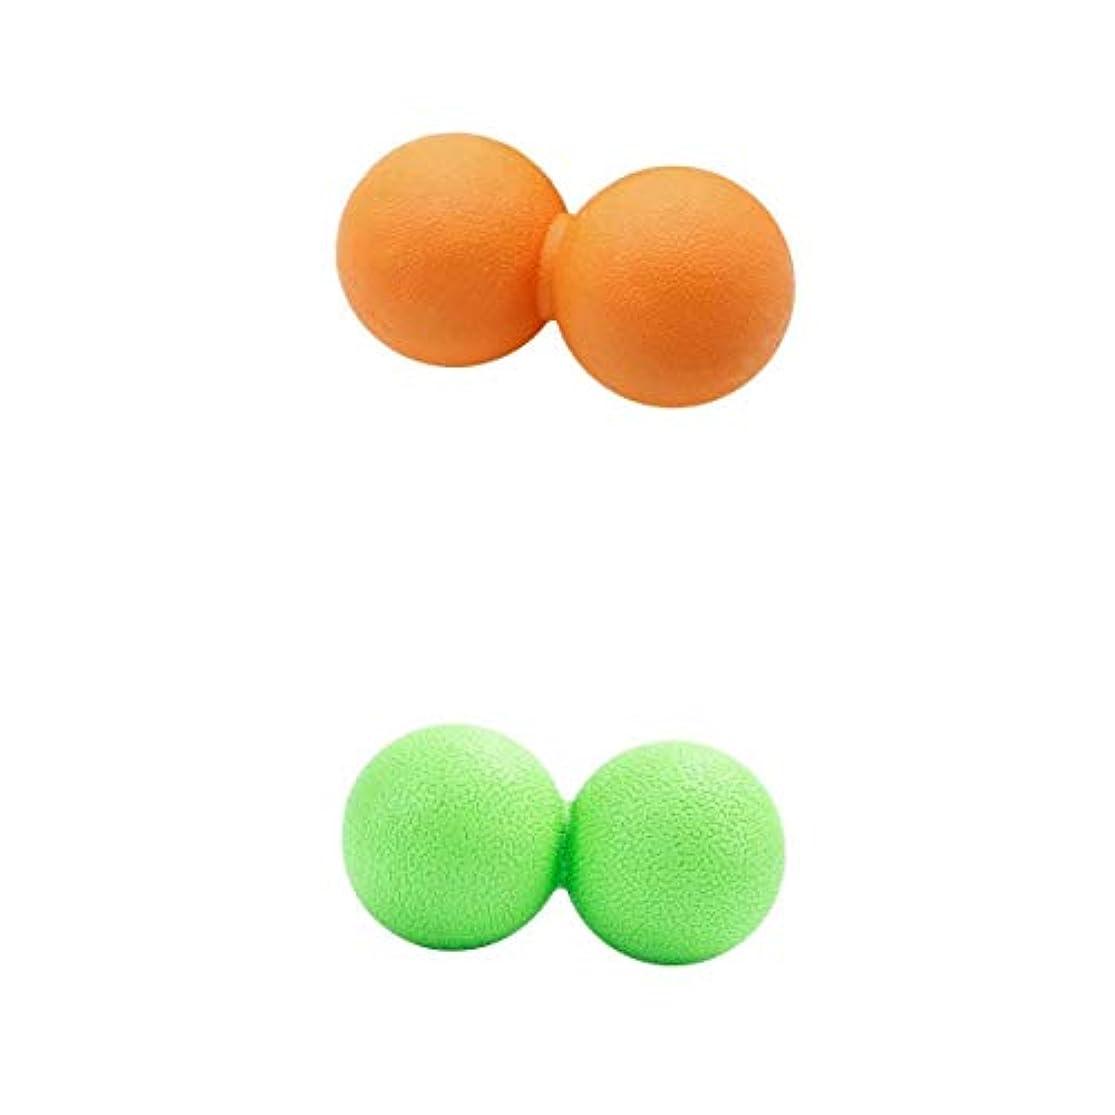 Fenteer マッサージボール ピーナッツ型 筋膜リリース トリガーポイント ツボ押しグッズ 2個入